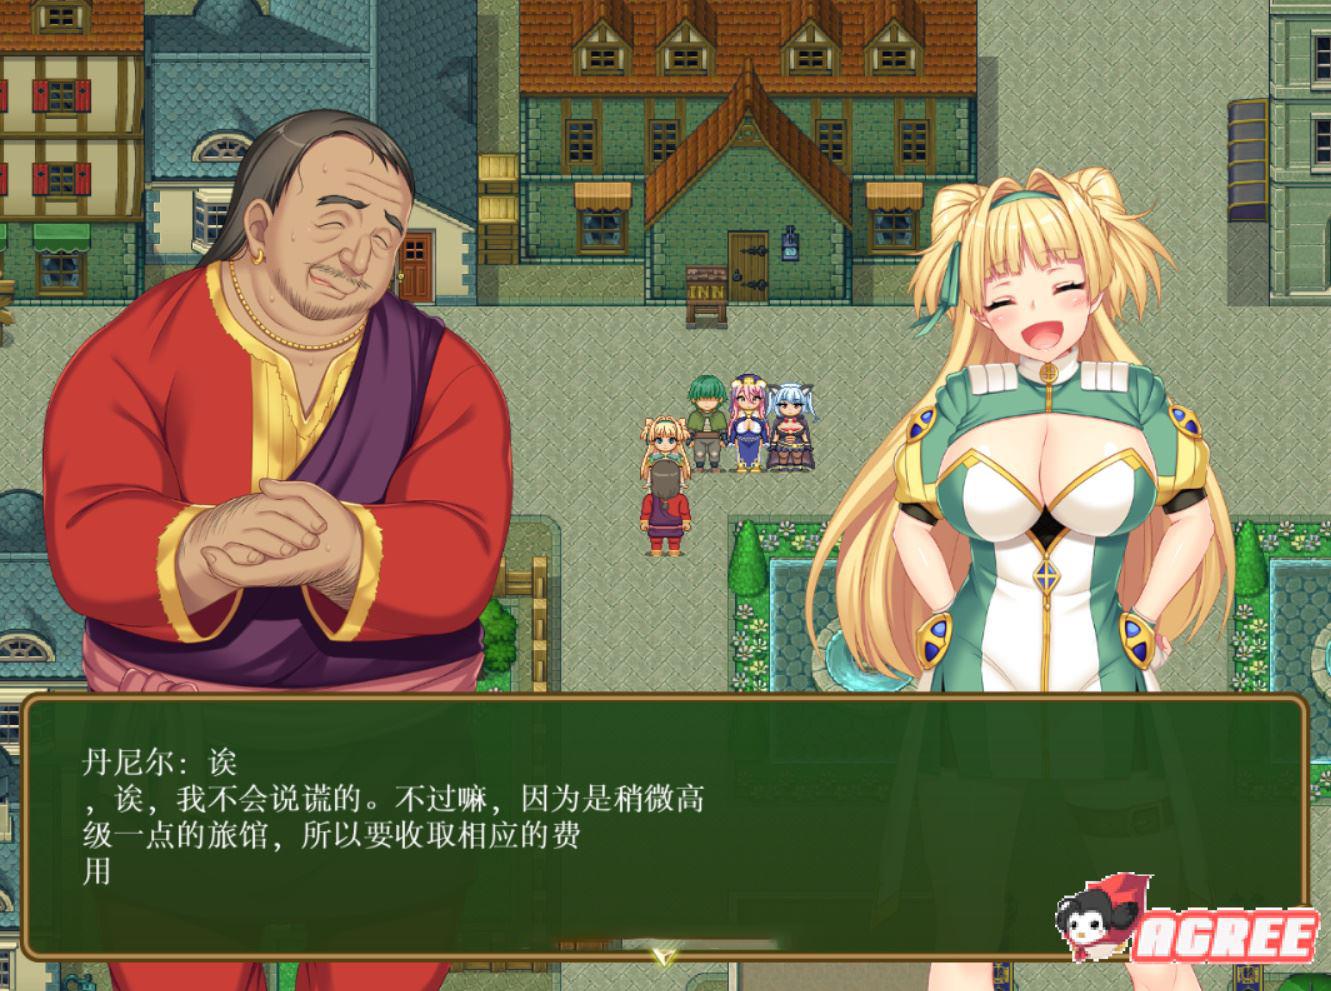 【OD补档】寝取新妻莫妮卡~傲娇的妻子和不正经的打工 云汉化作弊版